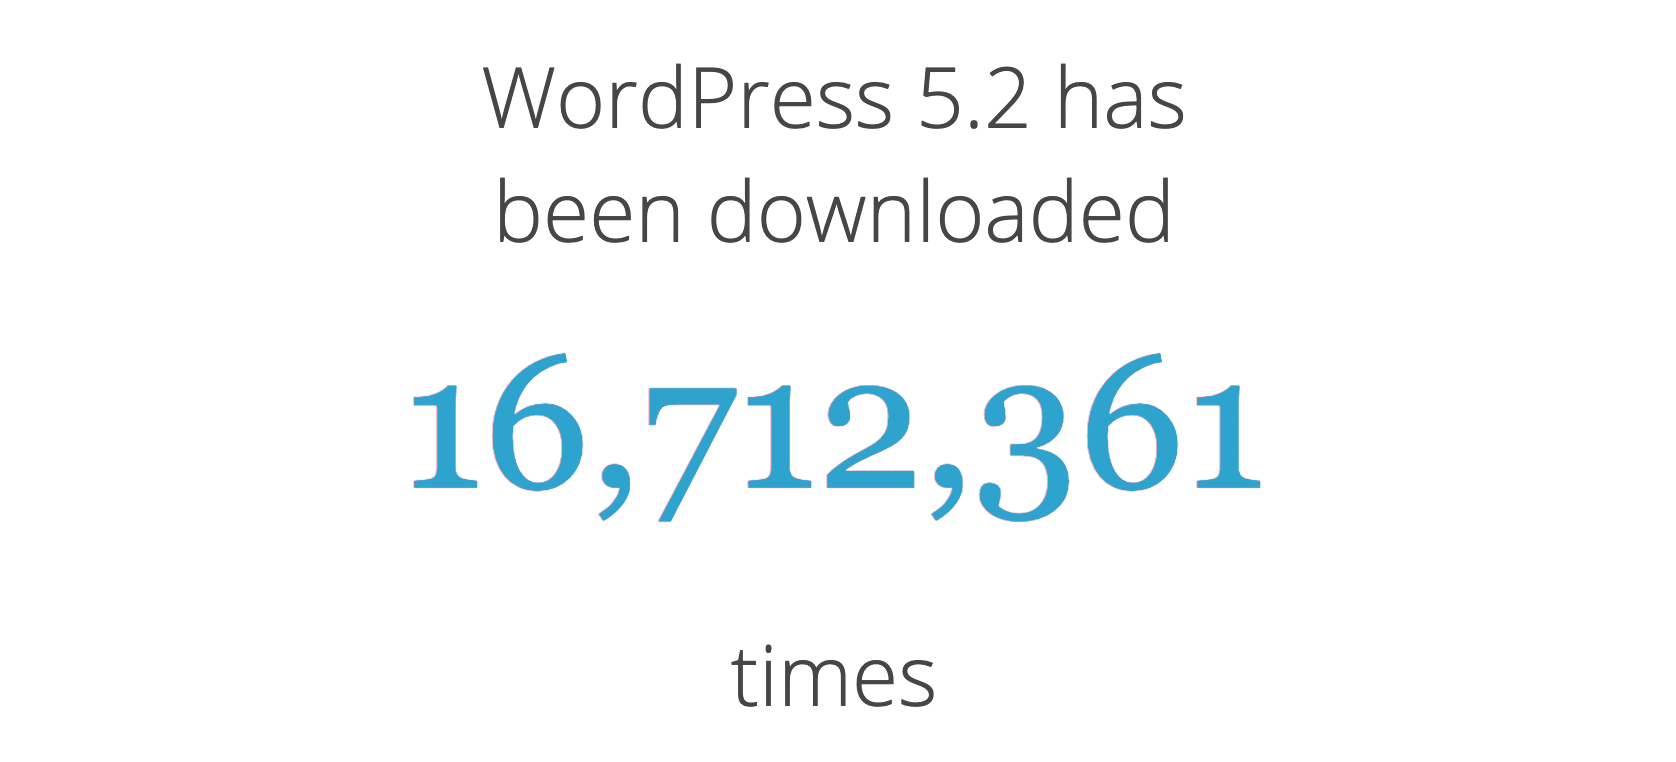 Cuenta de descargas de WordPress 5.2